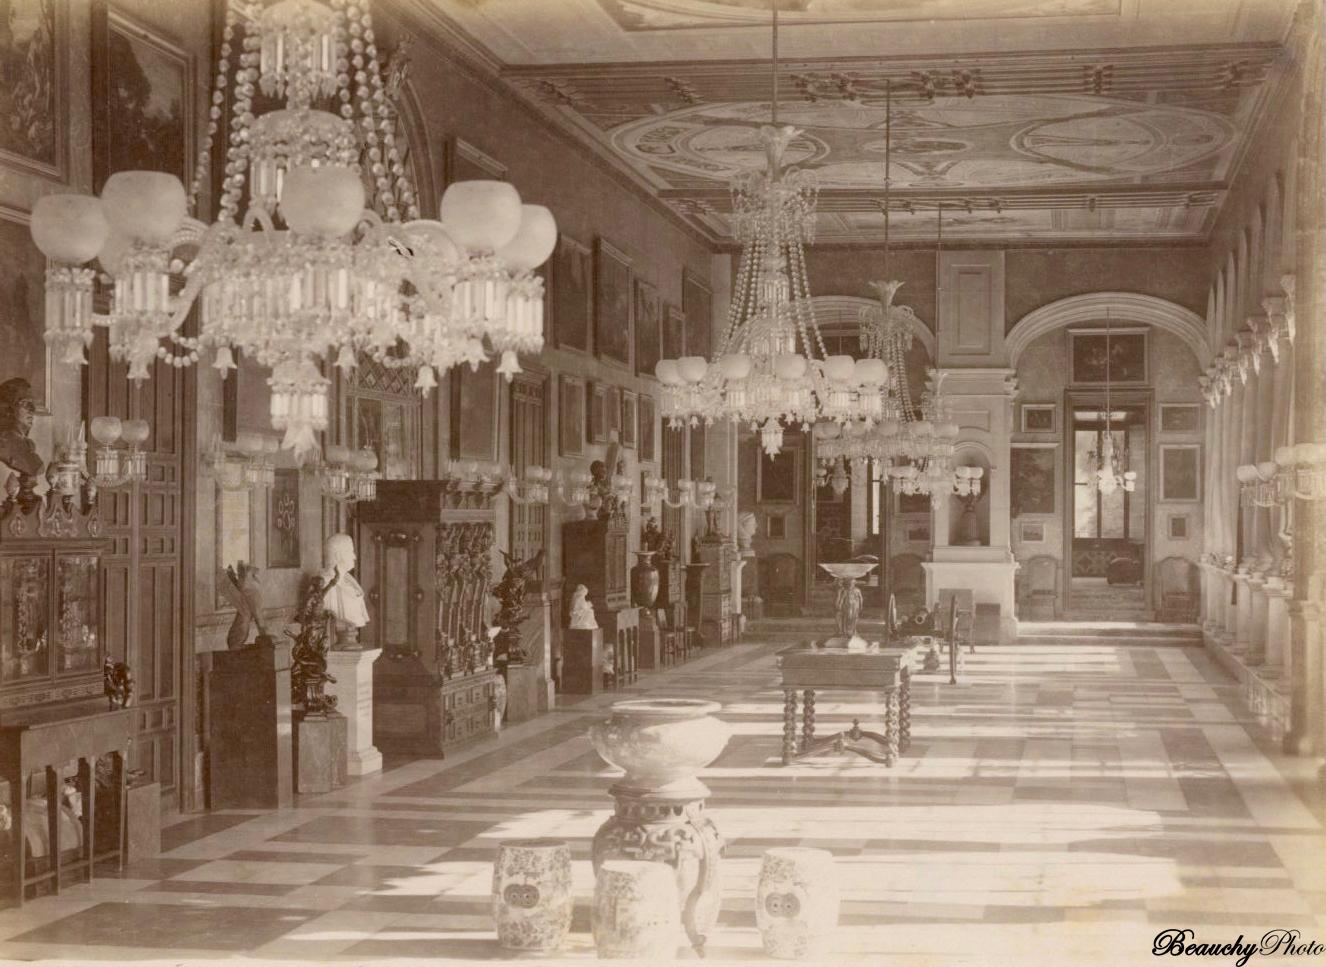 Beauchyphoto_Salón_de_Columnas_del_Palacio_de_San_Telmo_Sevilla_c.1875_Emilio_Beauchy_Cano_fotografias_antiguas_postales_vistas_y_monumentos